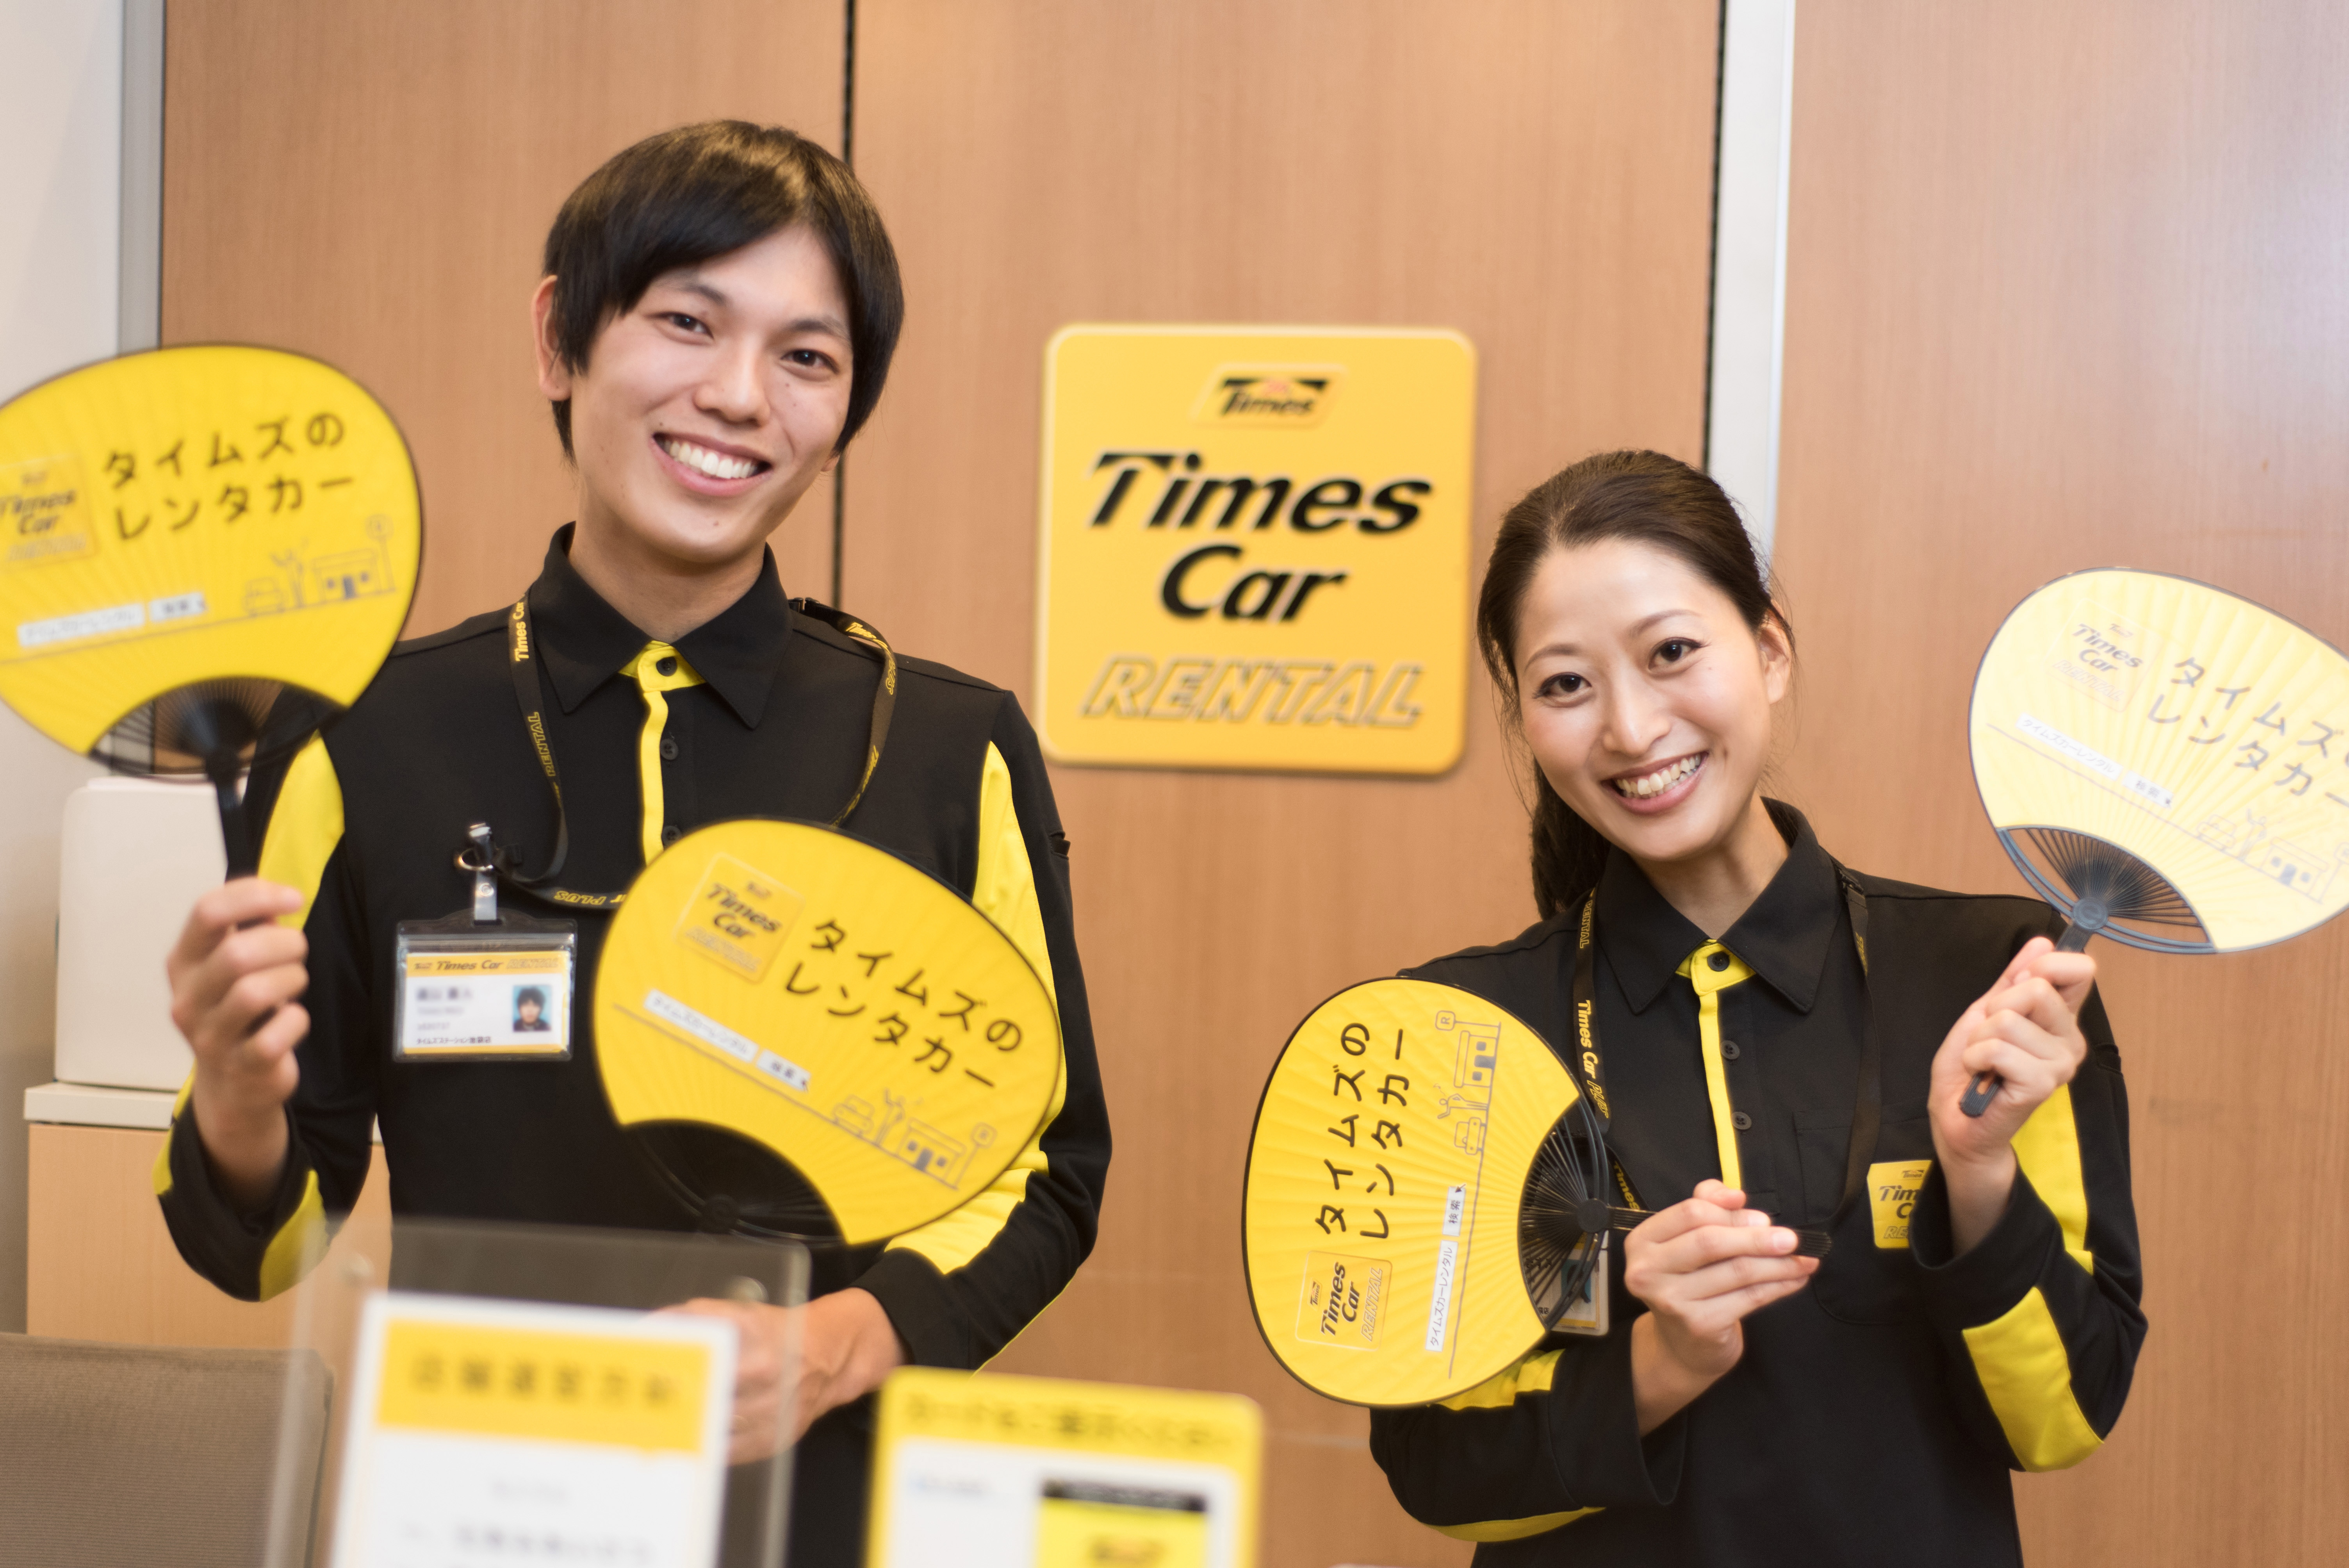 タイムズカーレンタル 広島空港店 のアルバイト情報